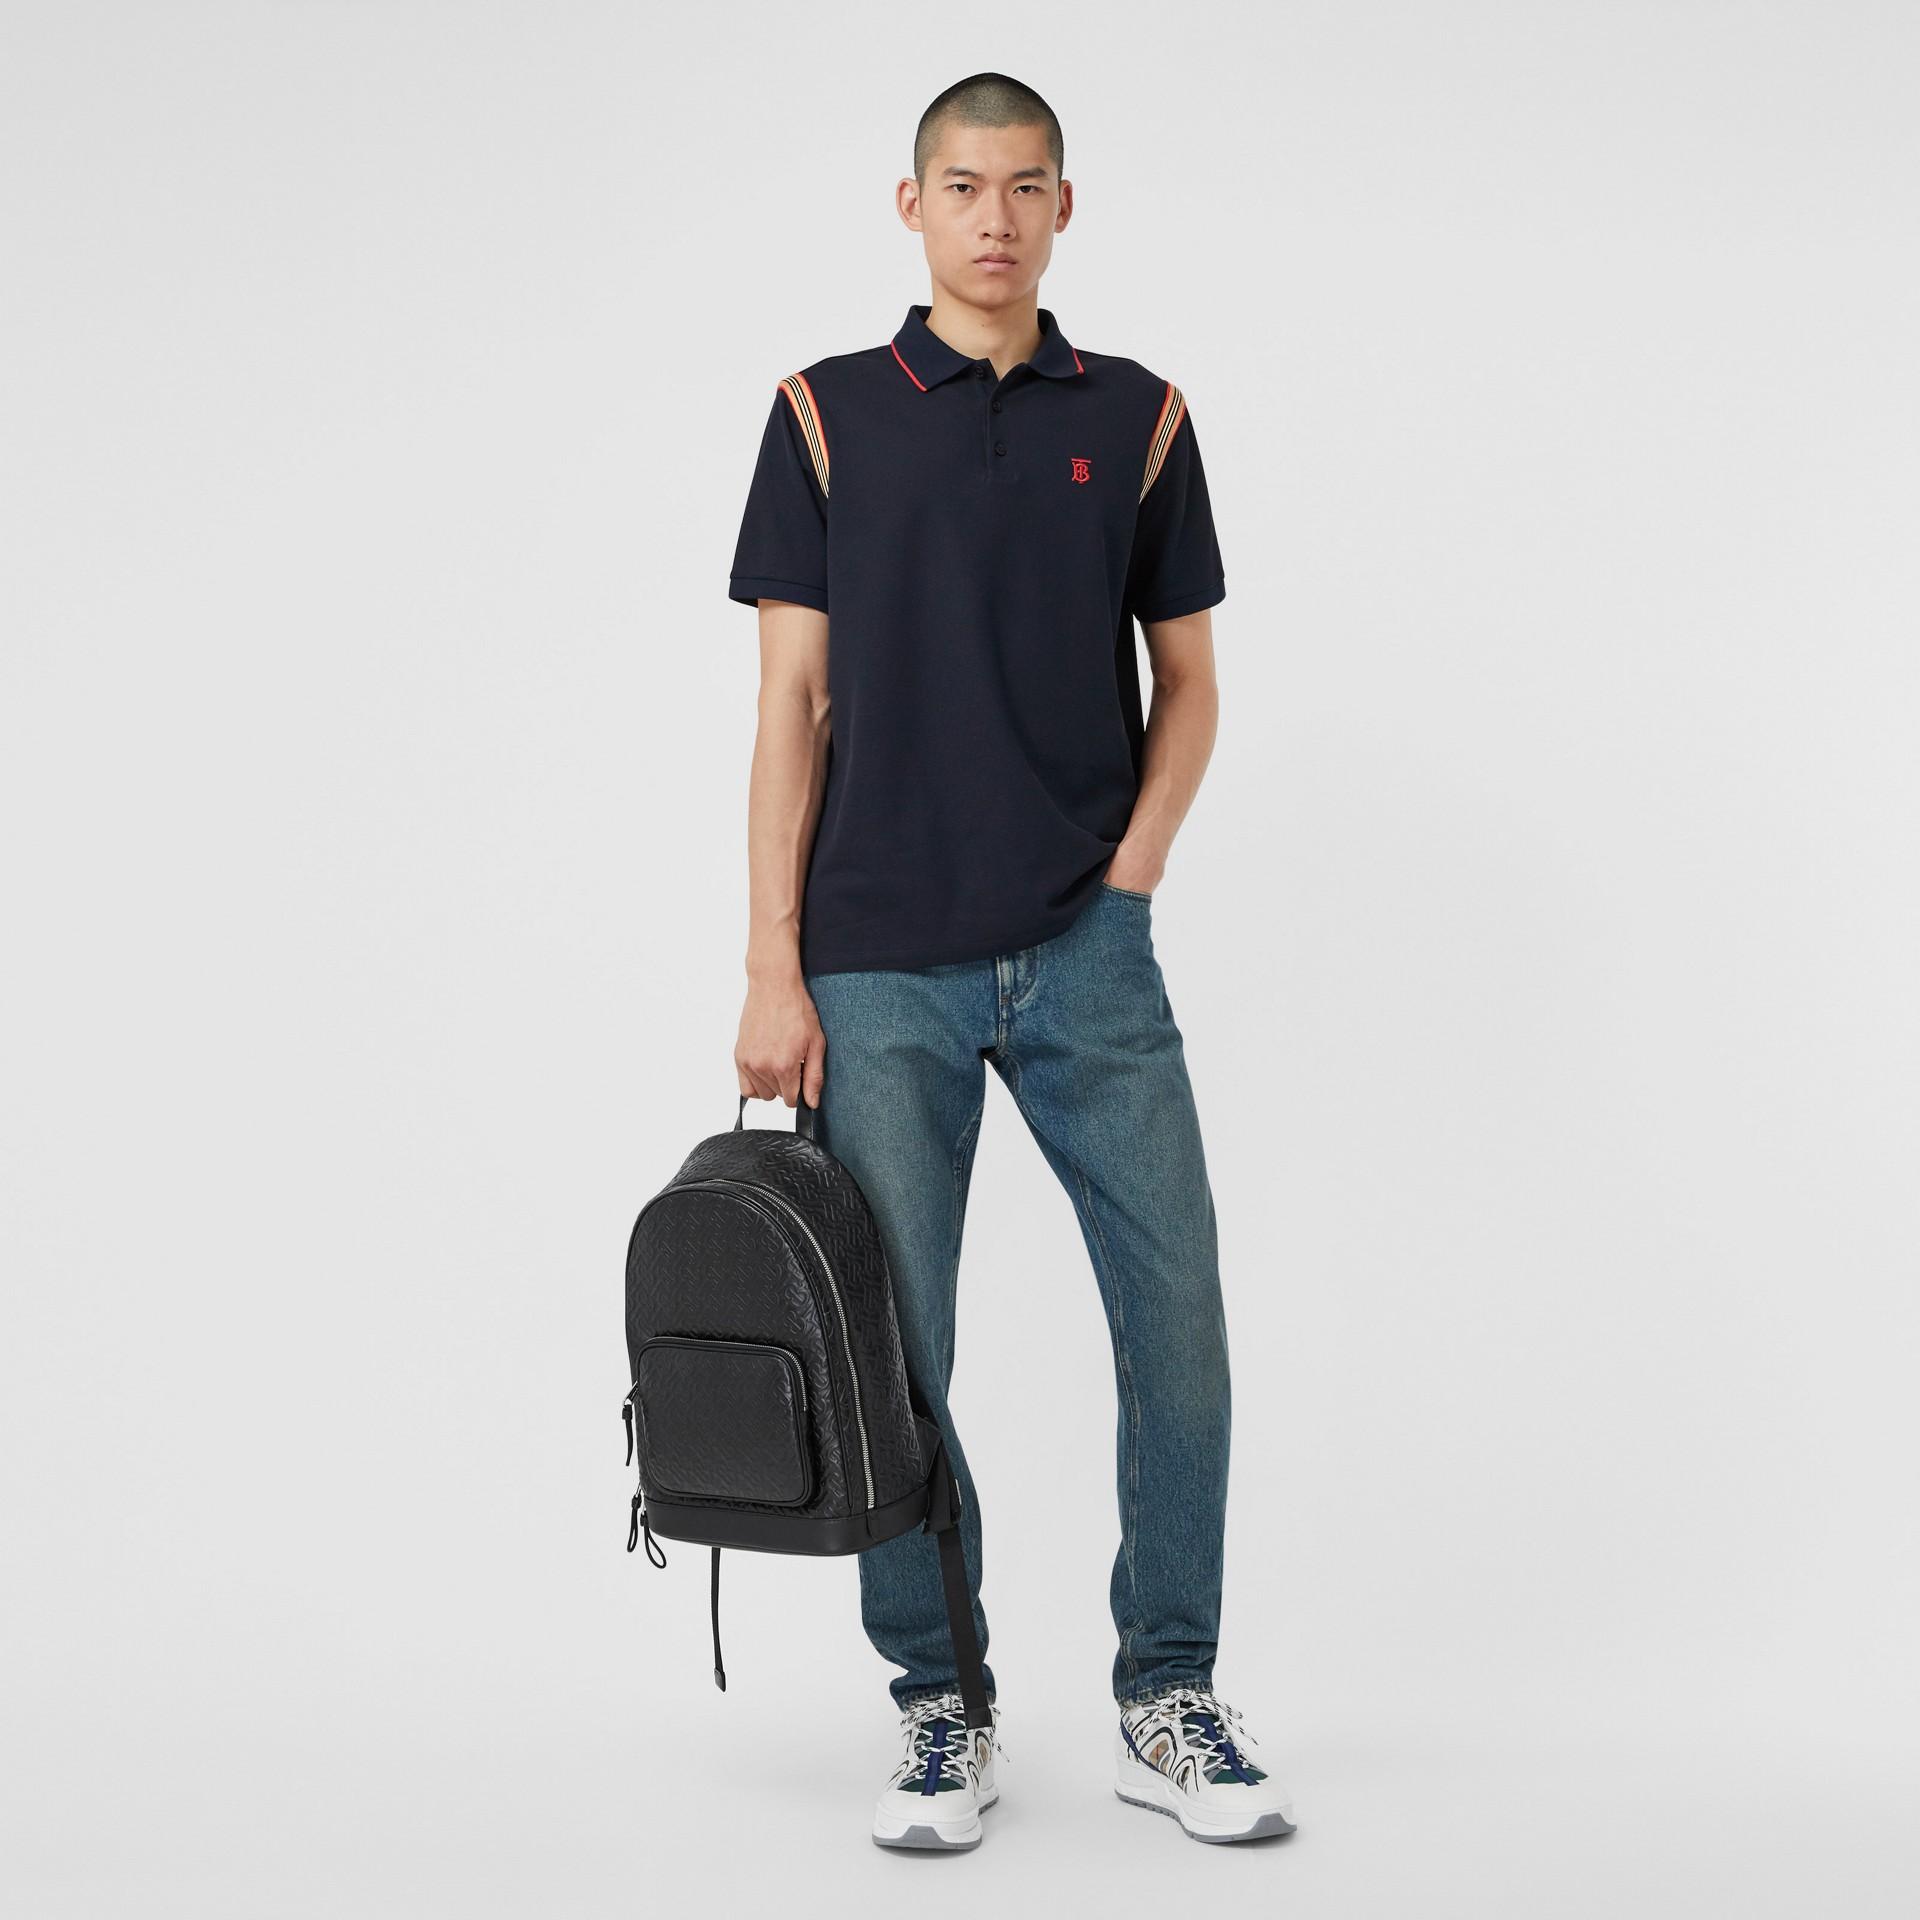 アイコンストライプトリム モノグラムモチーフ コットン ポロシャツ (ネイビー) - メンズ | バーバリー - ギャラリーイメージ 0